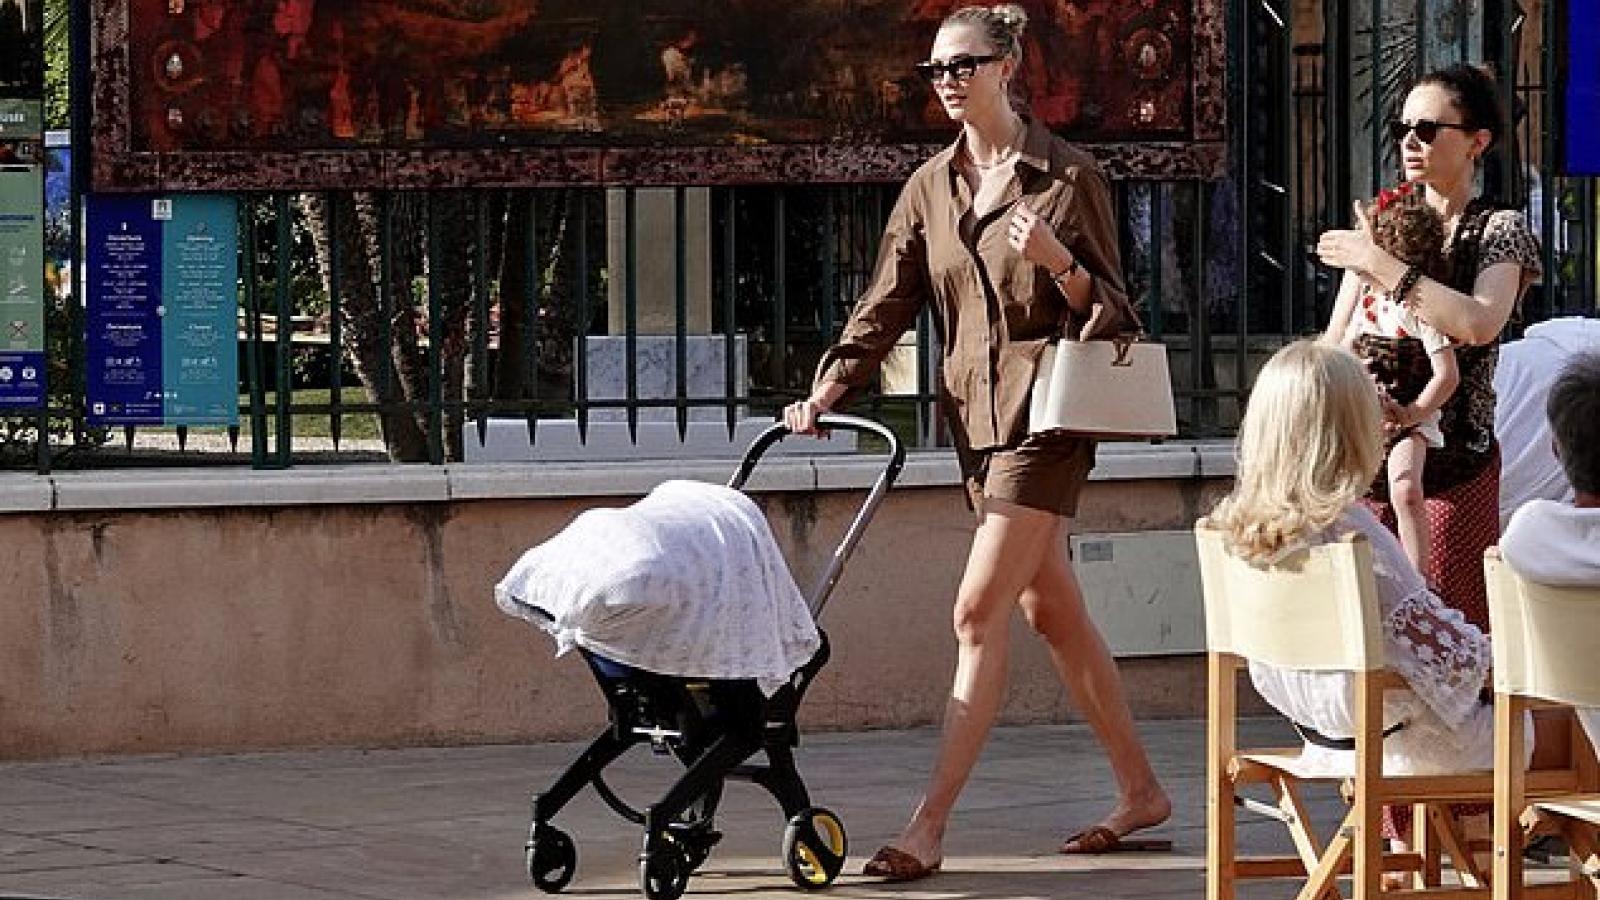 Karlie Kloss gợi cảm ra phố cùng con trai 4 tháng tuổi